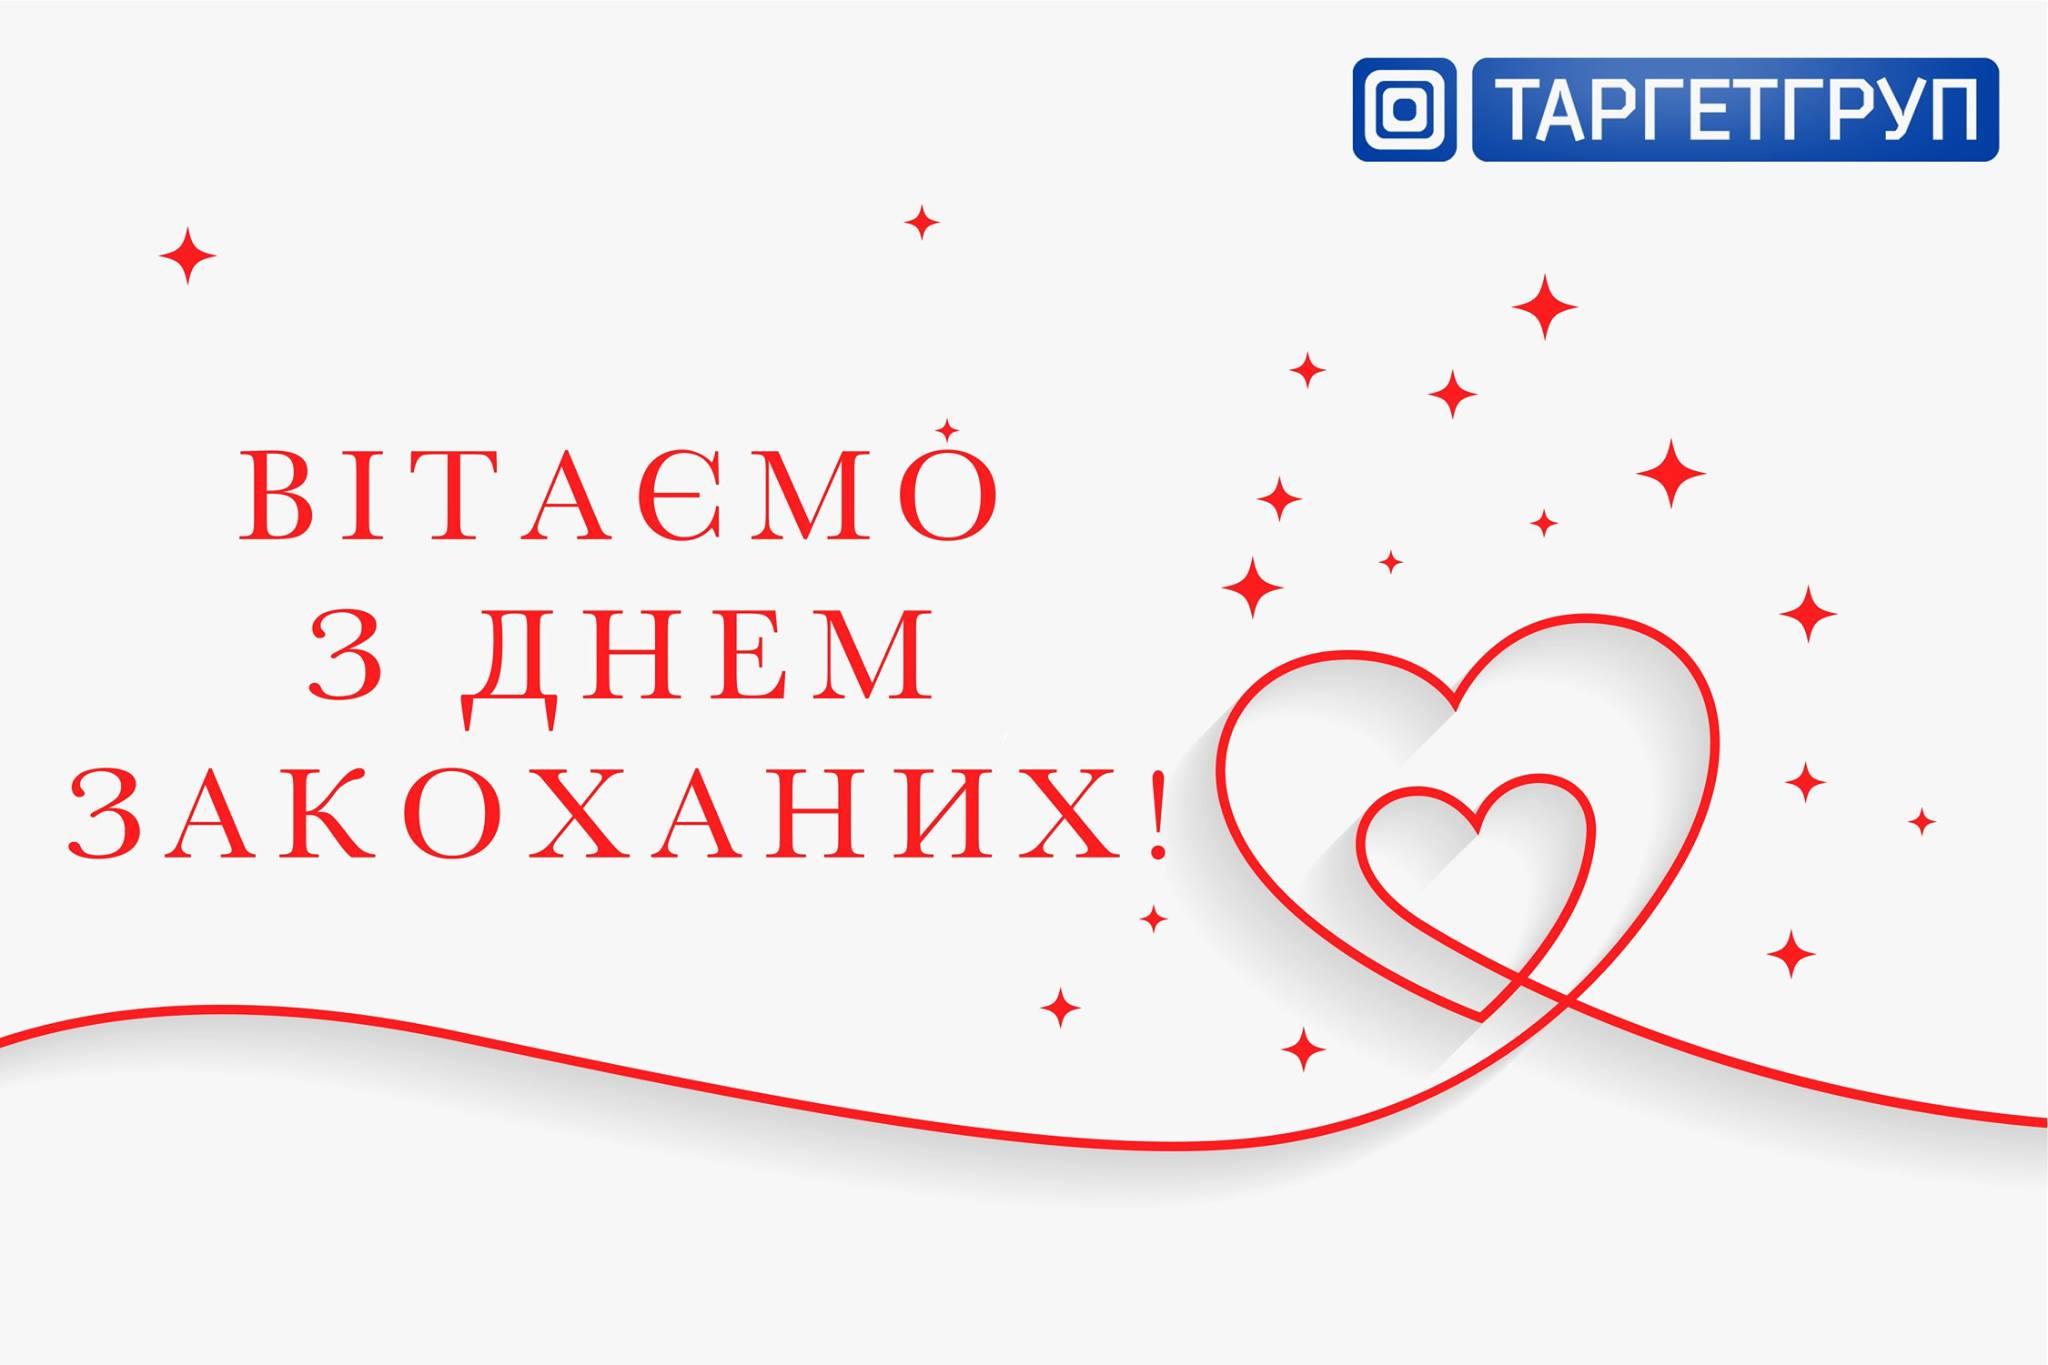 Вітаємо вас з Днем святого Валентина